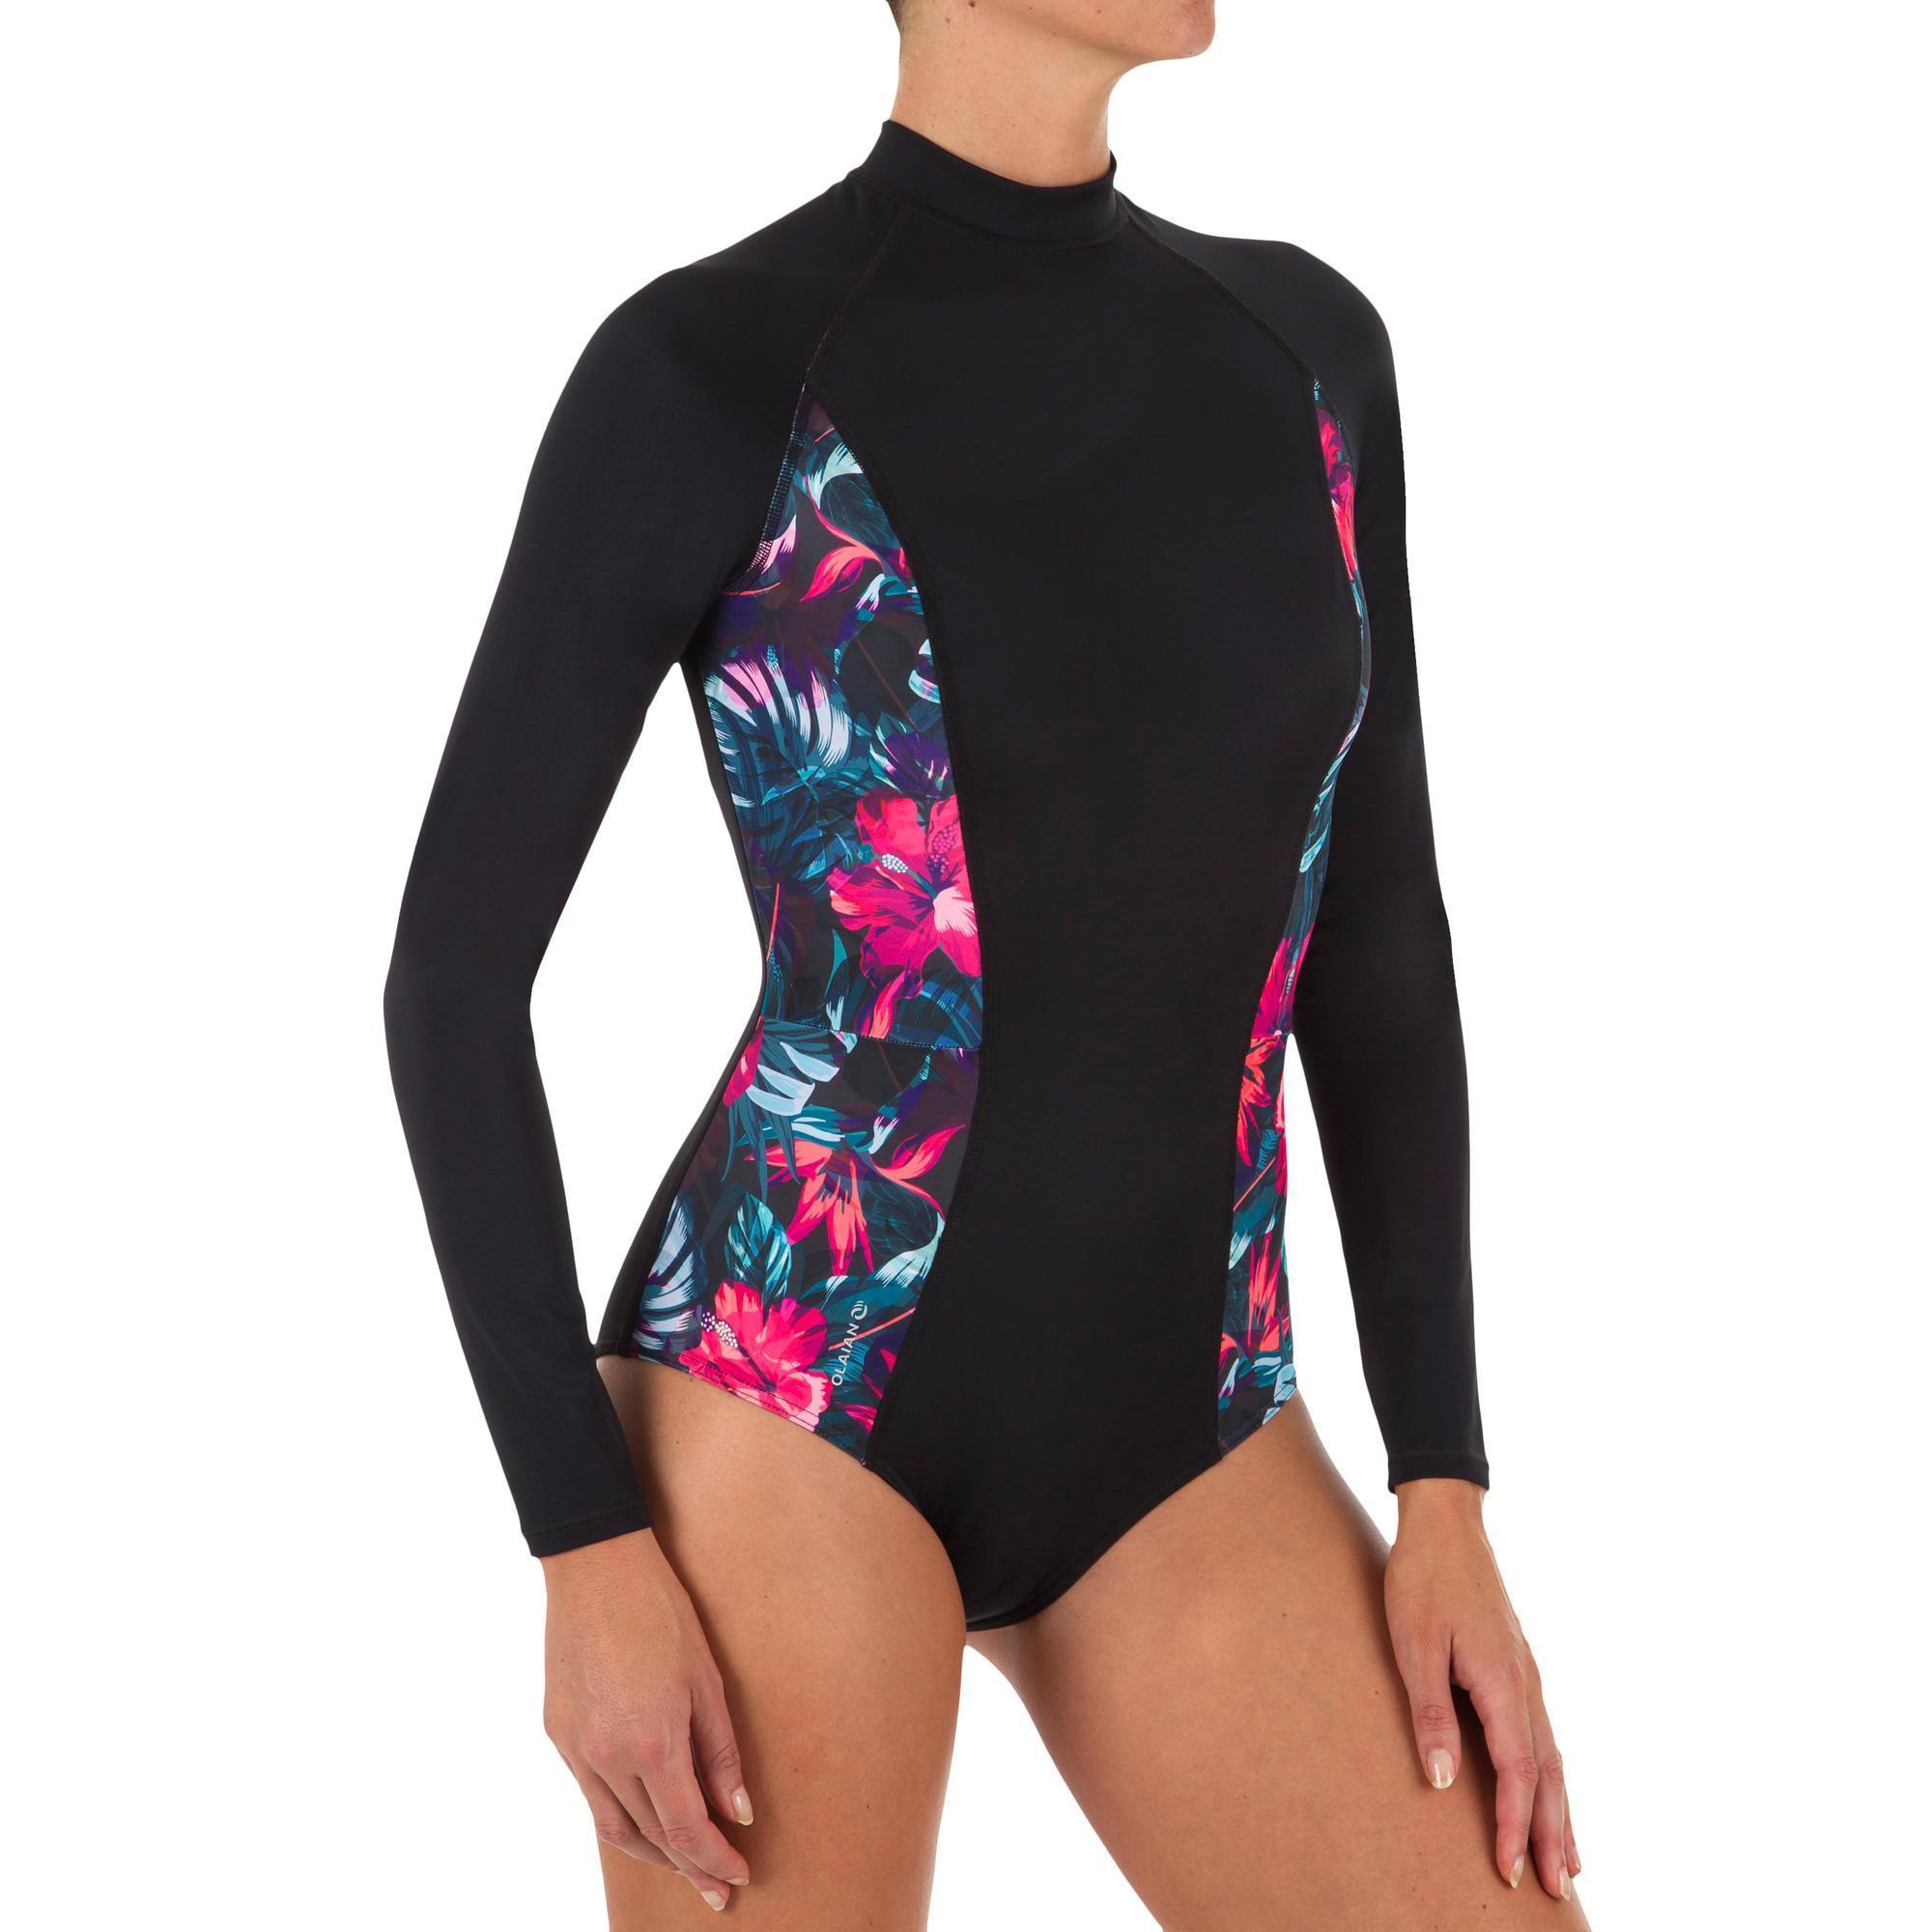 e6c0386172eb Comprar Bañadores Surferos de Playa para Mujer Online   Decathlon